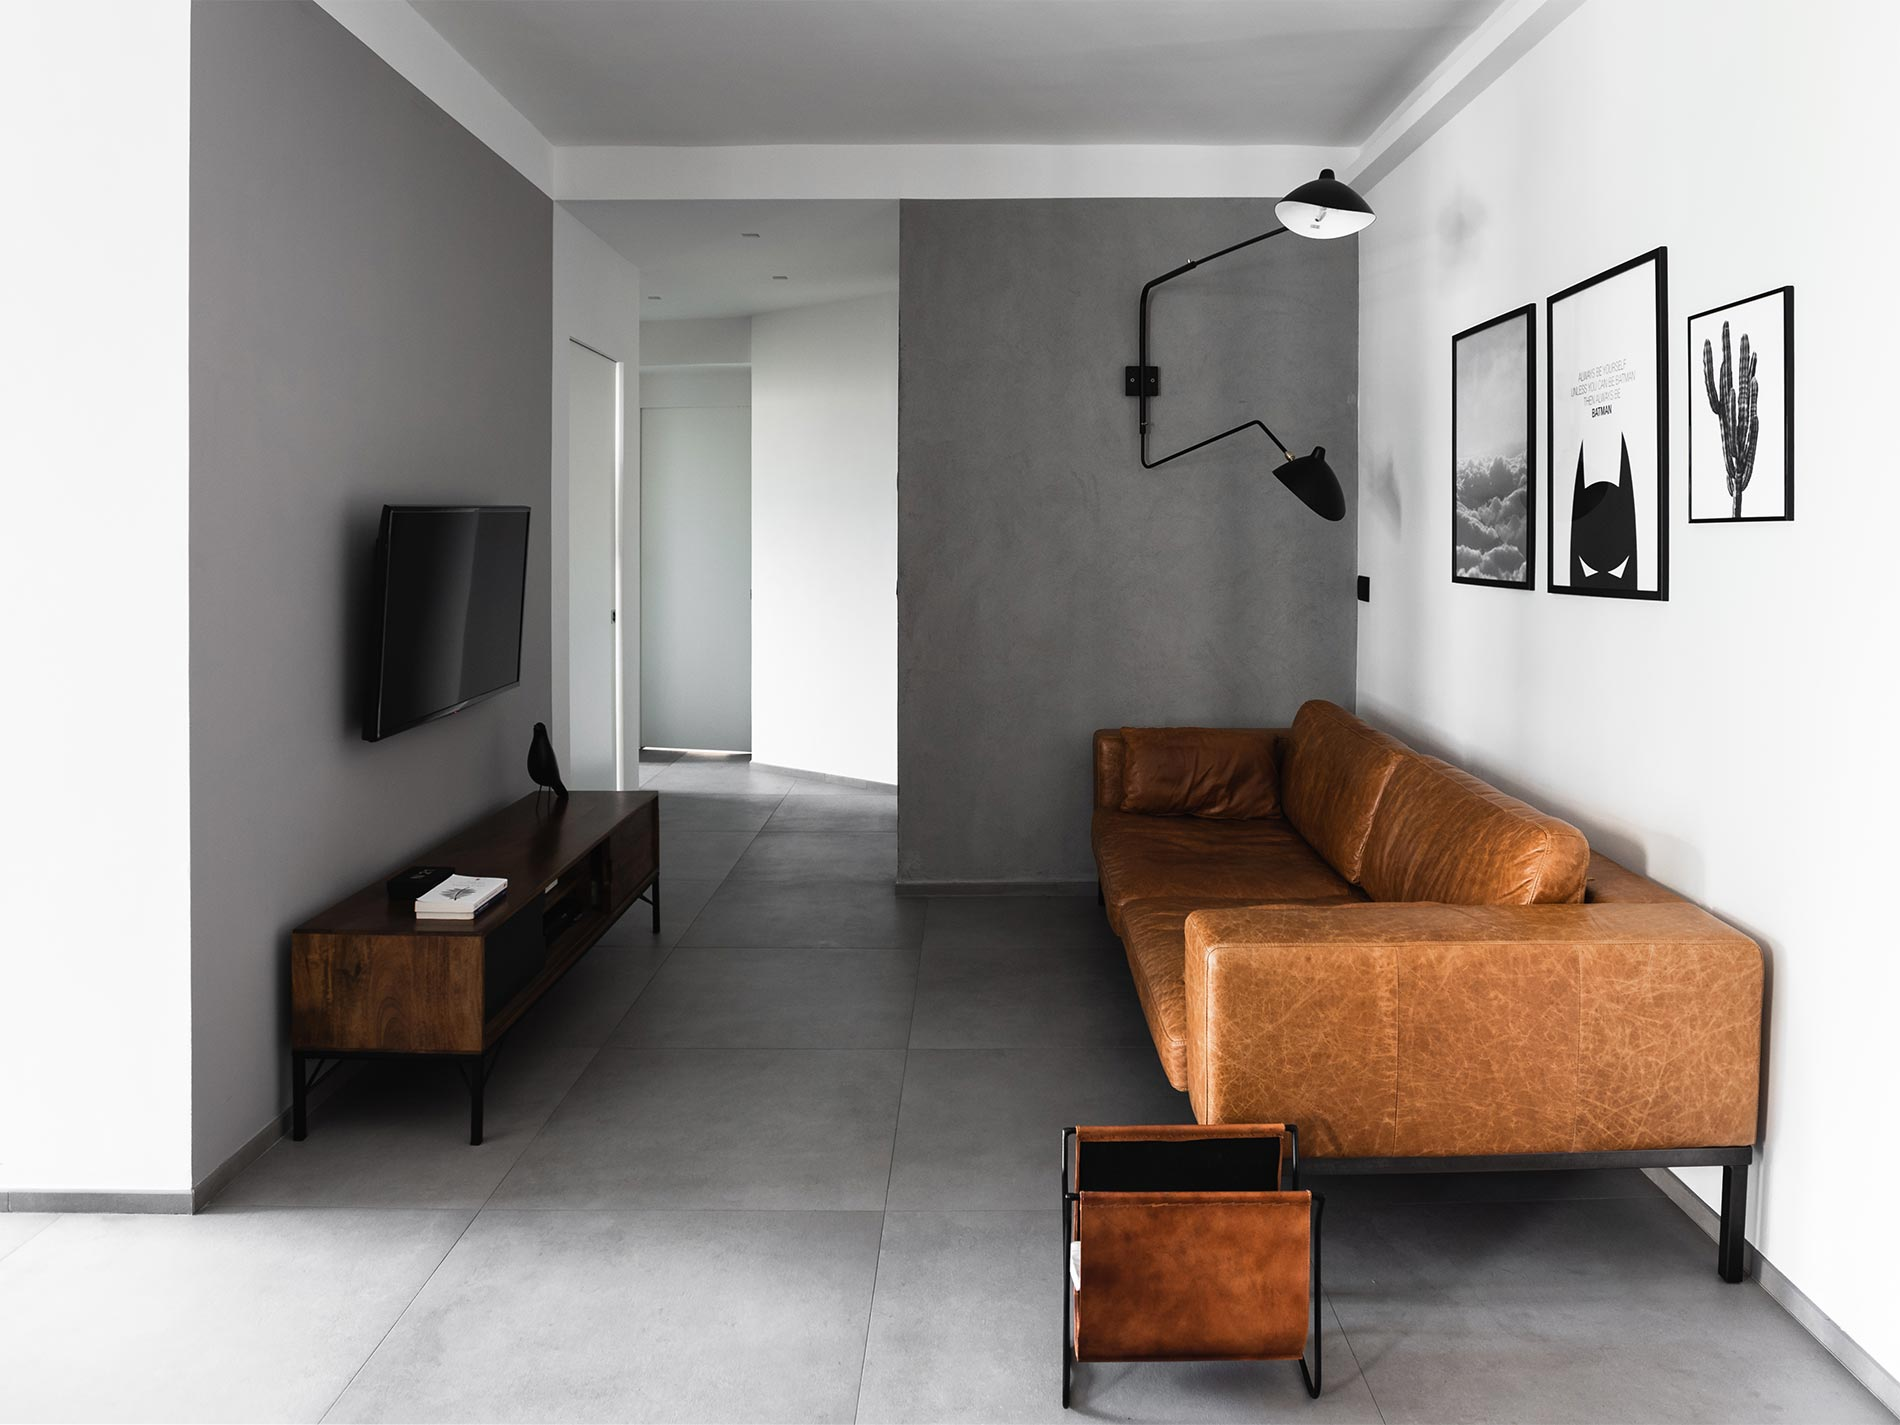 casa cemento e nero progettazione d'interni torino